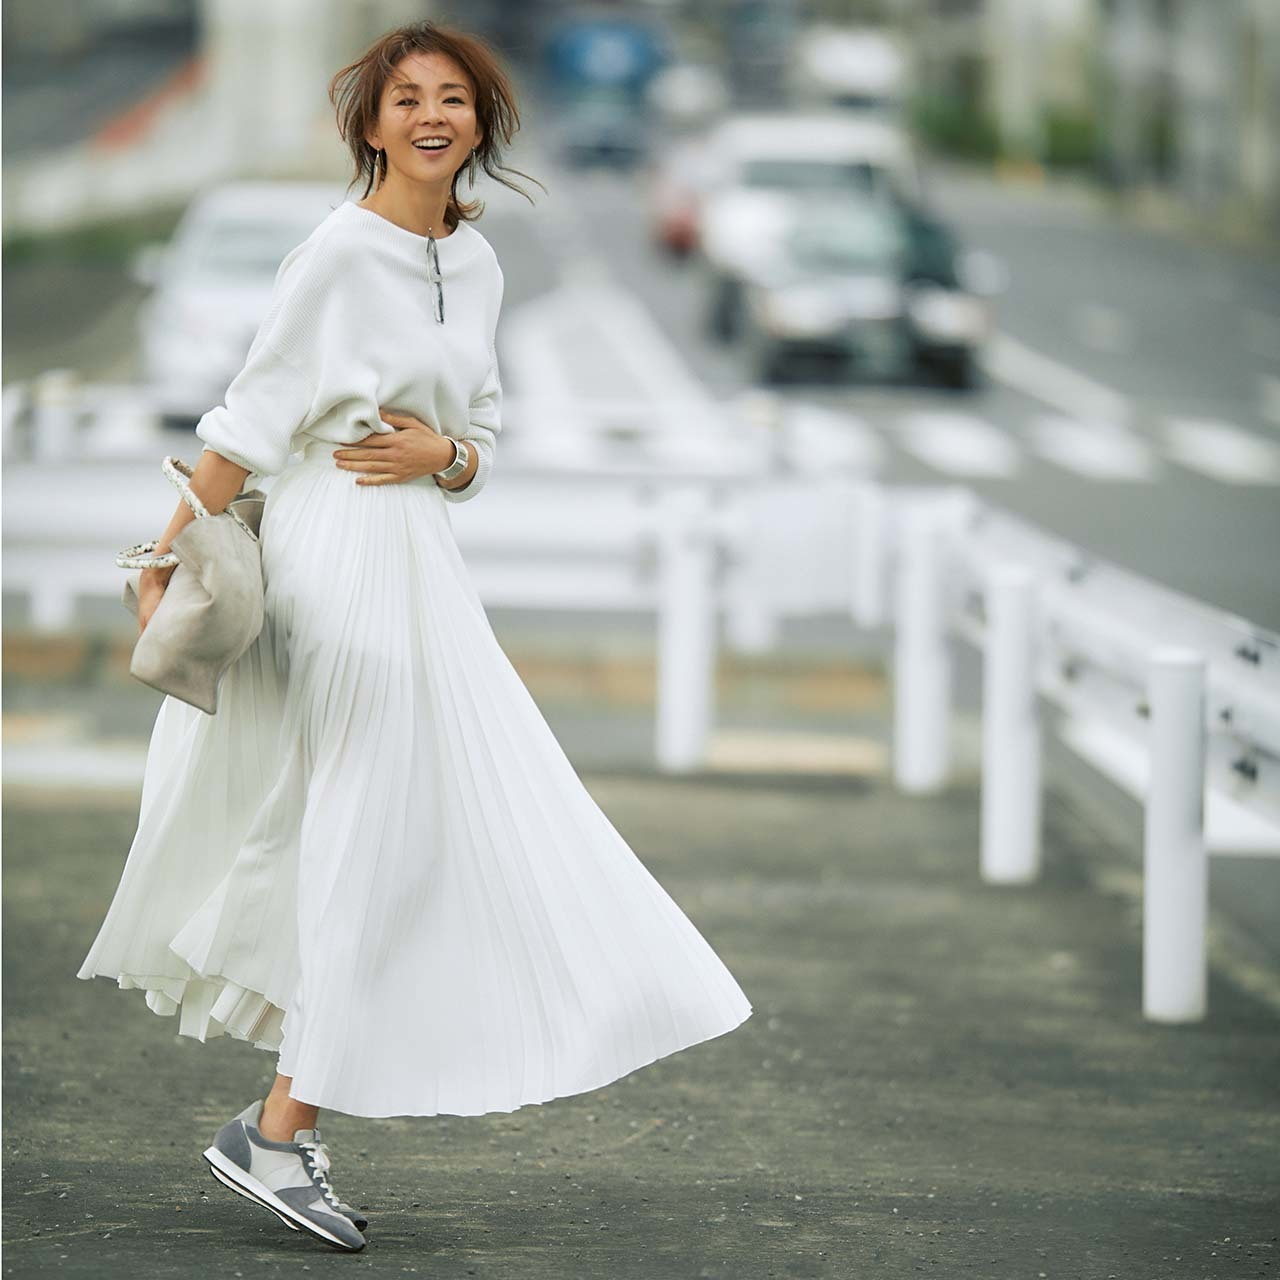 きちんと感と華やかさを両立する特別感たっぷりの白コーデ